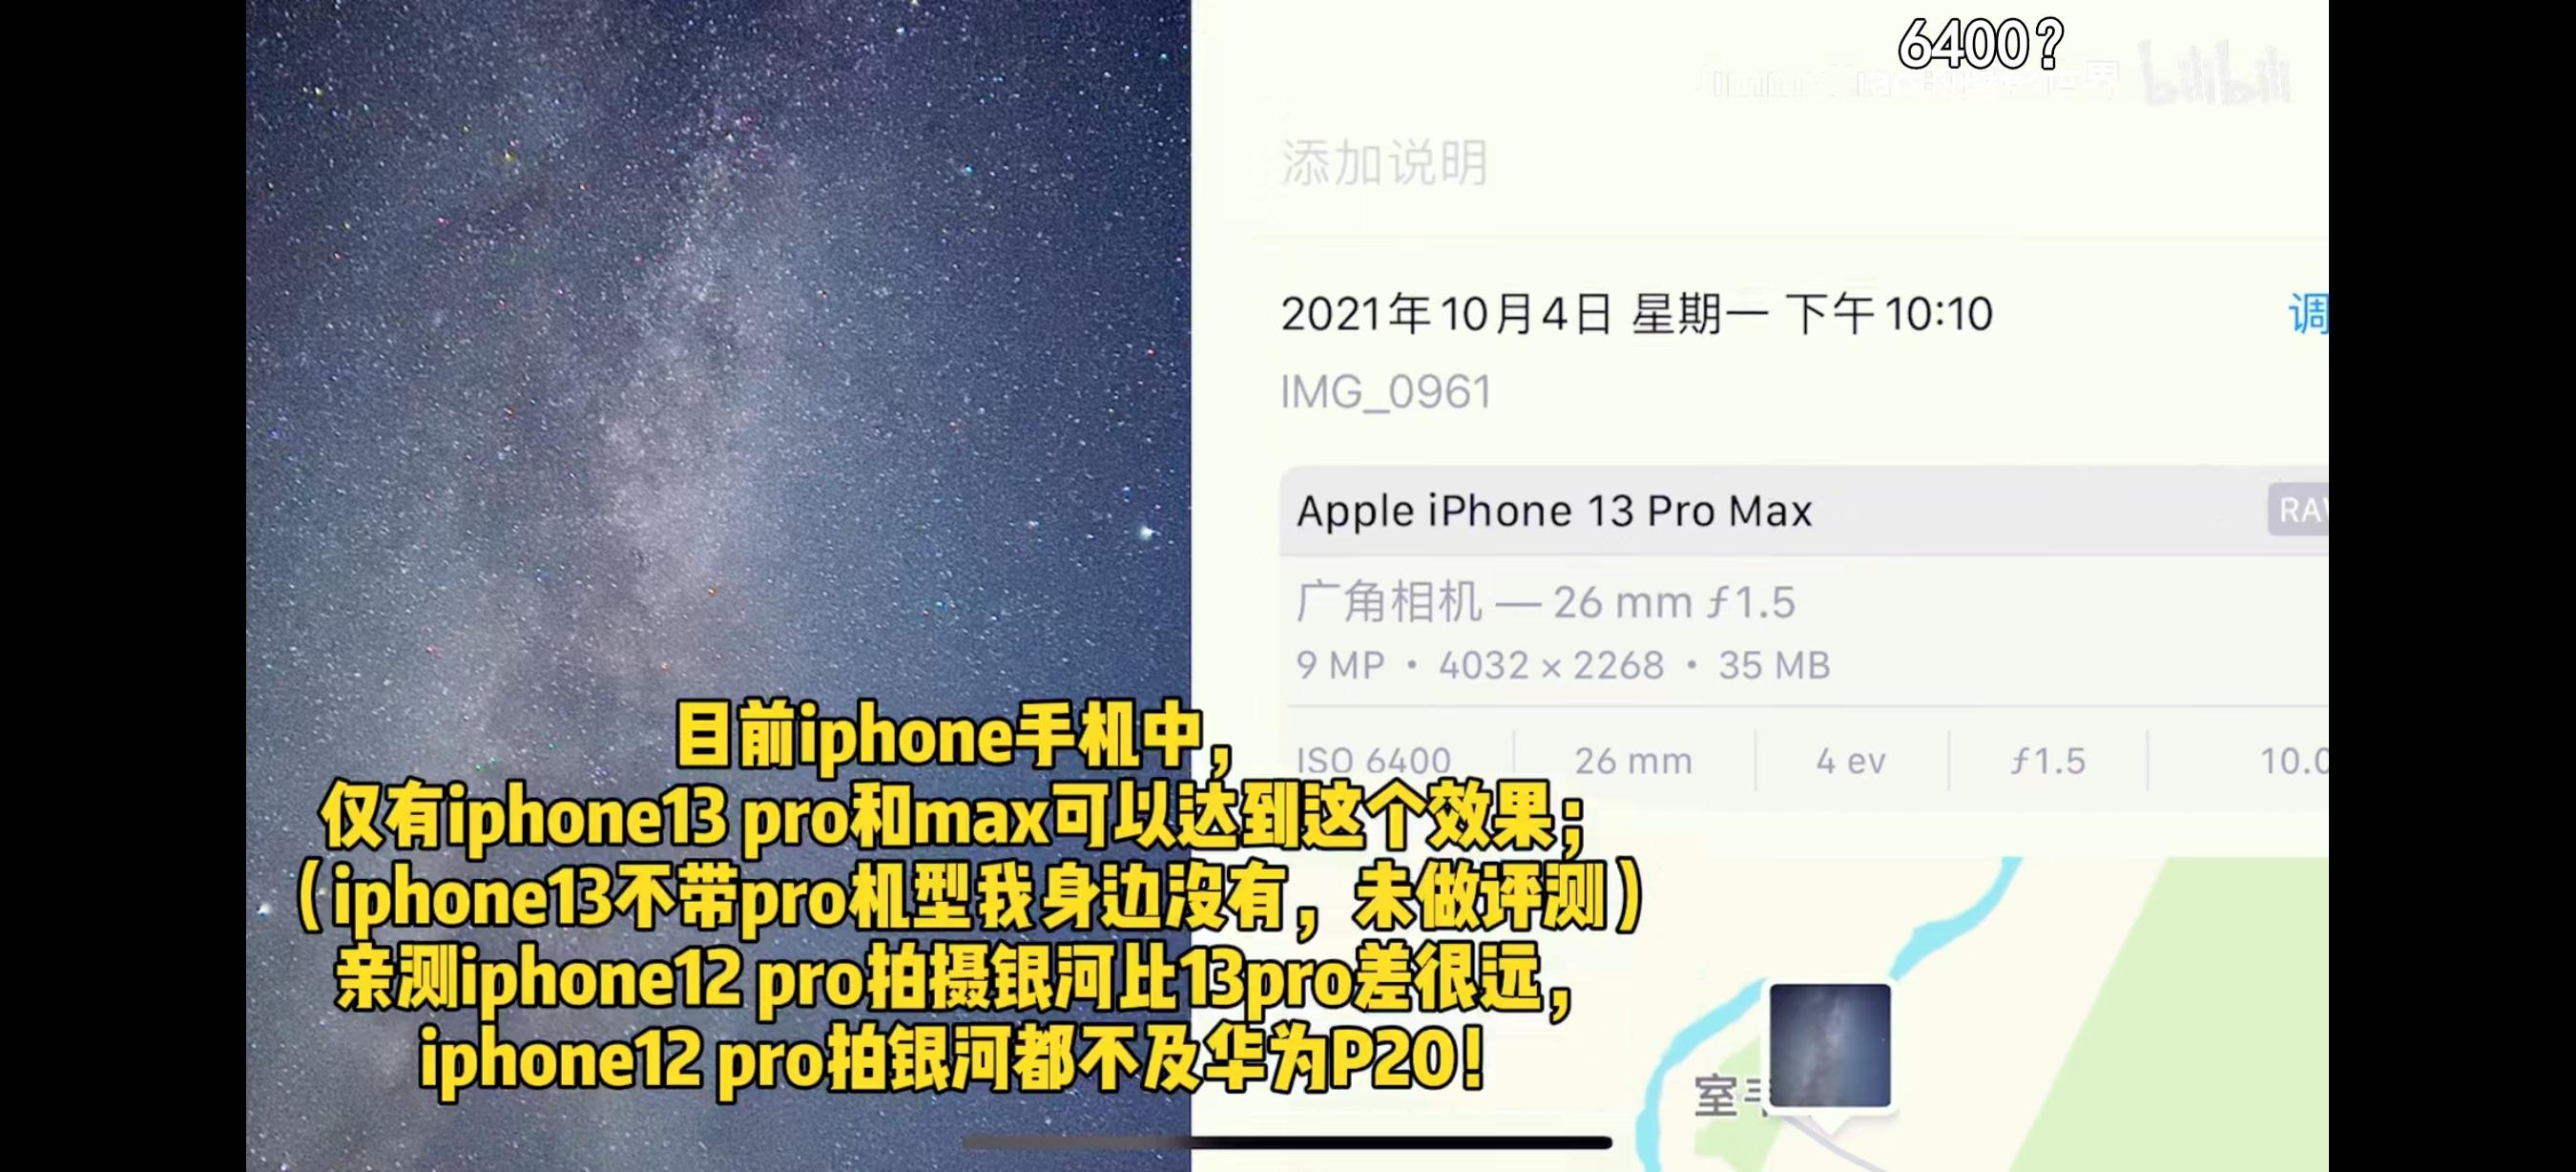 Screenshot_20211008_181800_tv.danmaku.bili.jpg